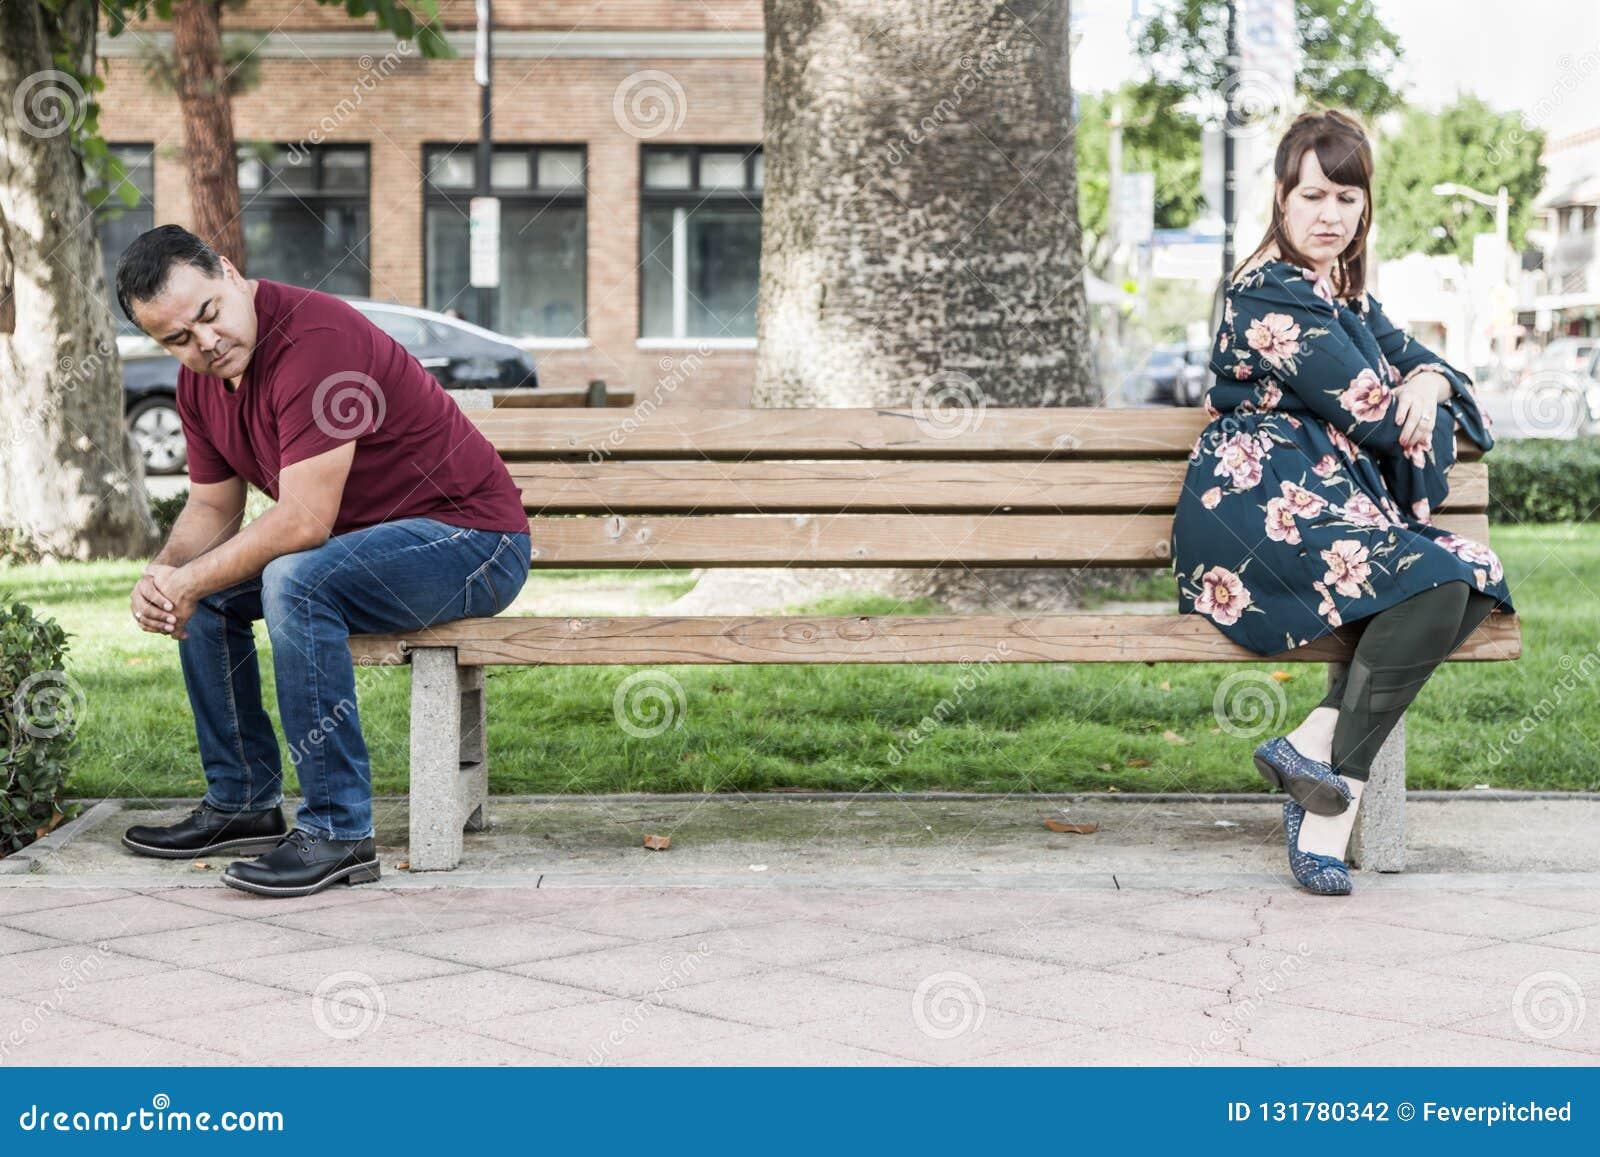 Dyskutować Mieszającego Biegowej pary Siedzącego obszycie Zdala od Each Inny na Parkowej ławce